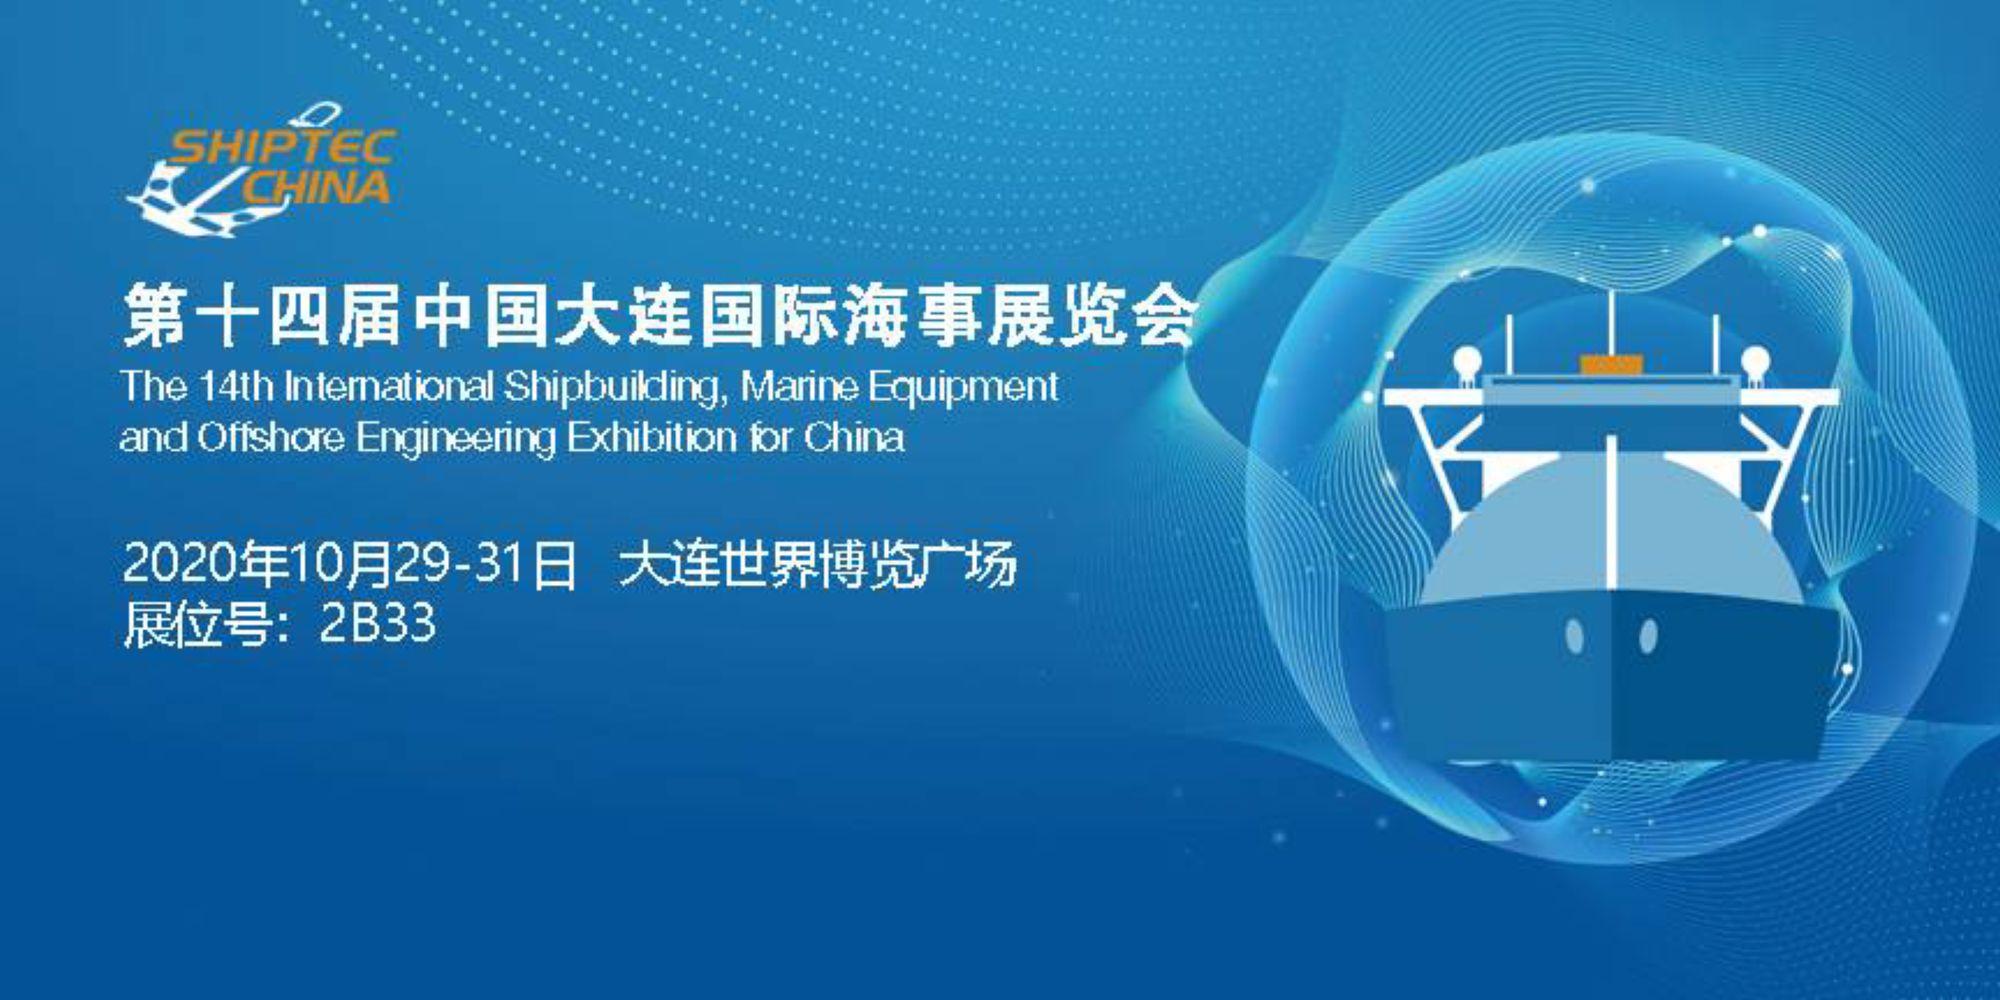 CN-ShiptechChina2020-invite-900x450.jpg